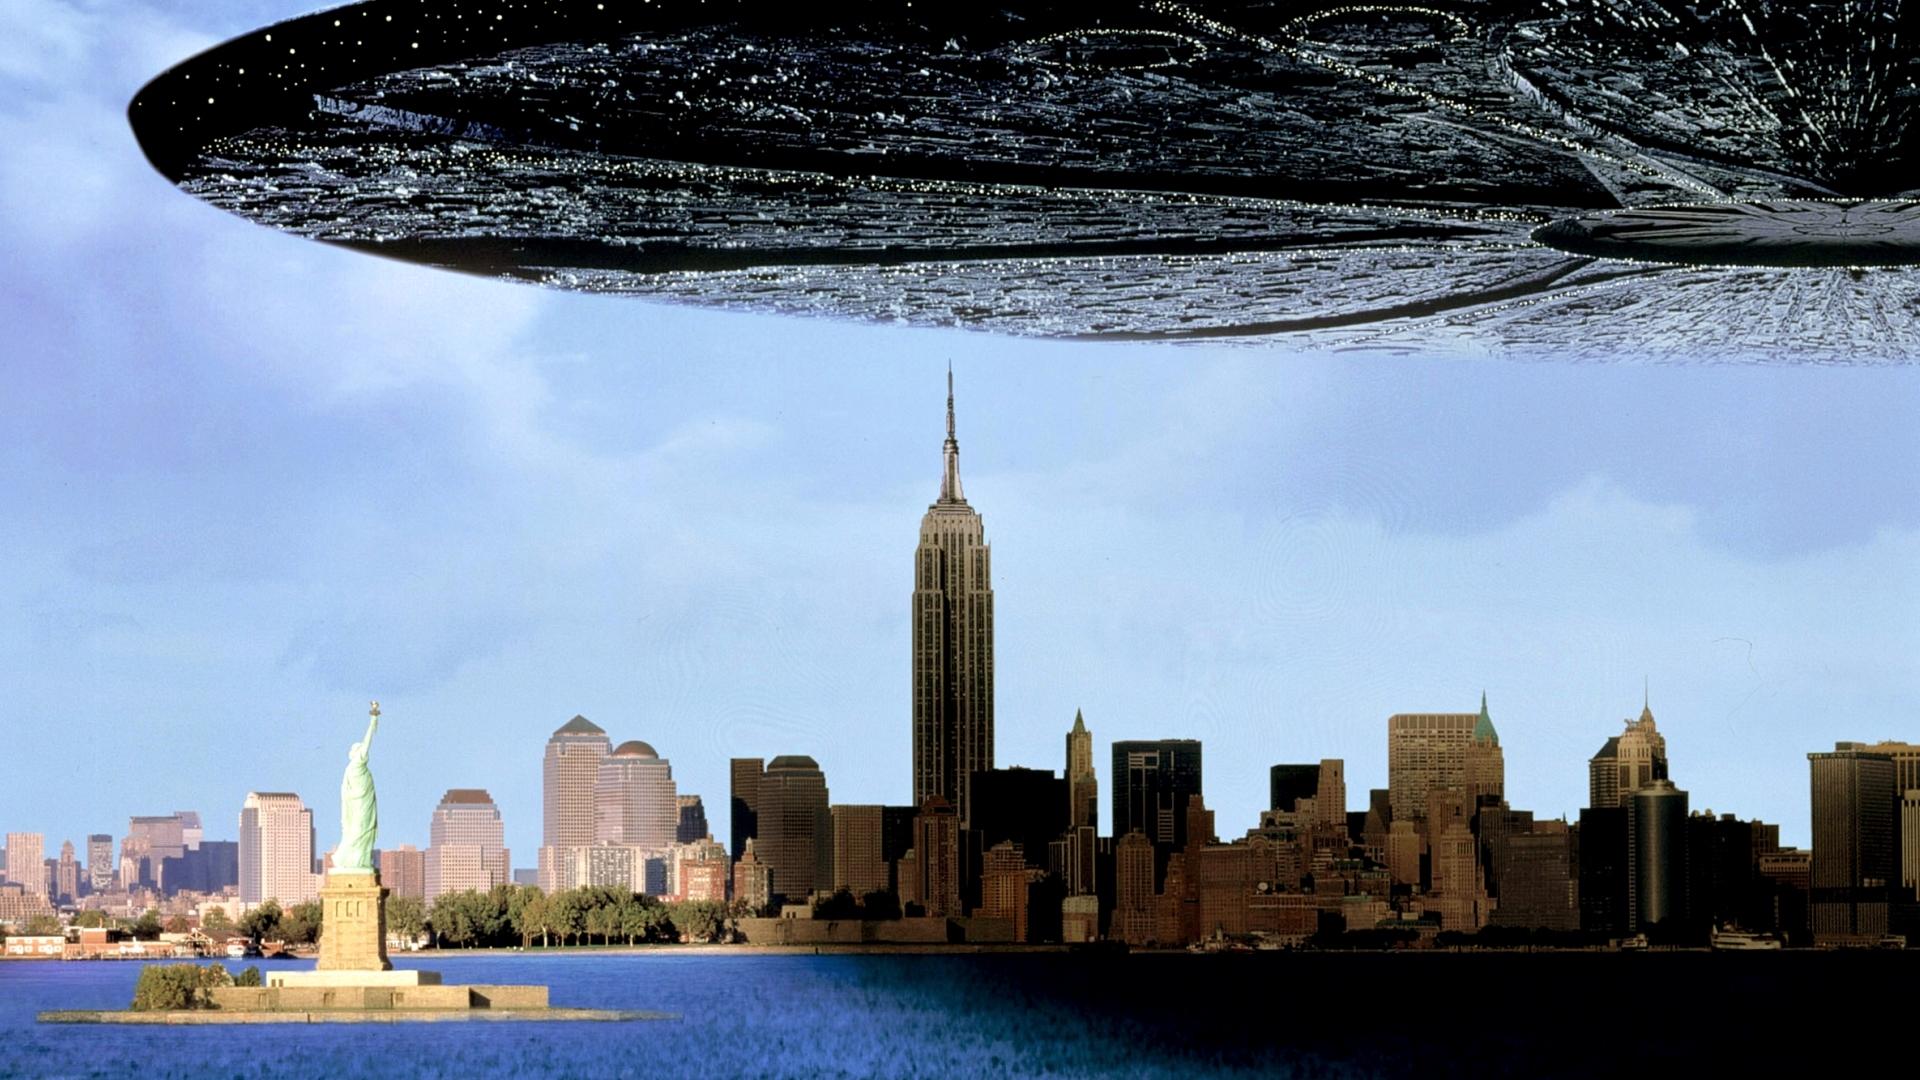 Des scientifiques veulent camoufler la Terre pour la protéger des extraterrestres hostiles Independence-day